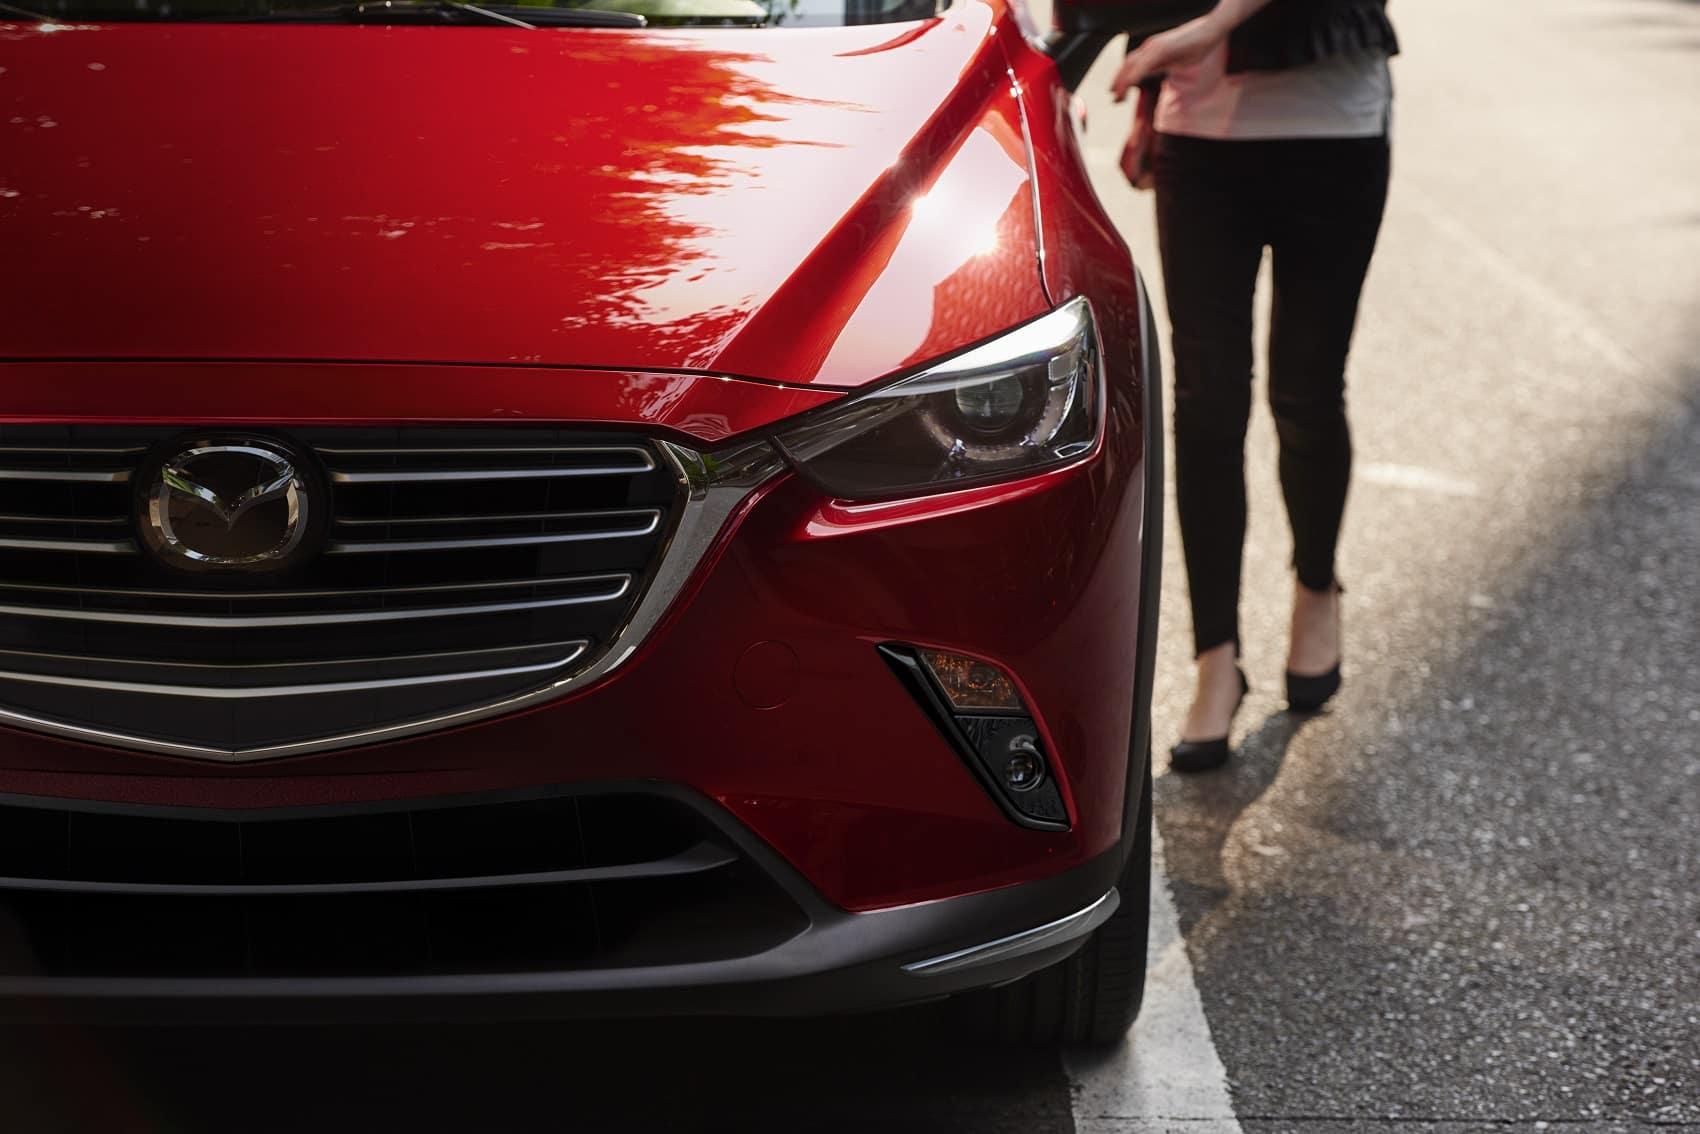 2019 Mazda CX-3 Red